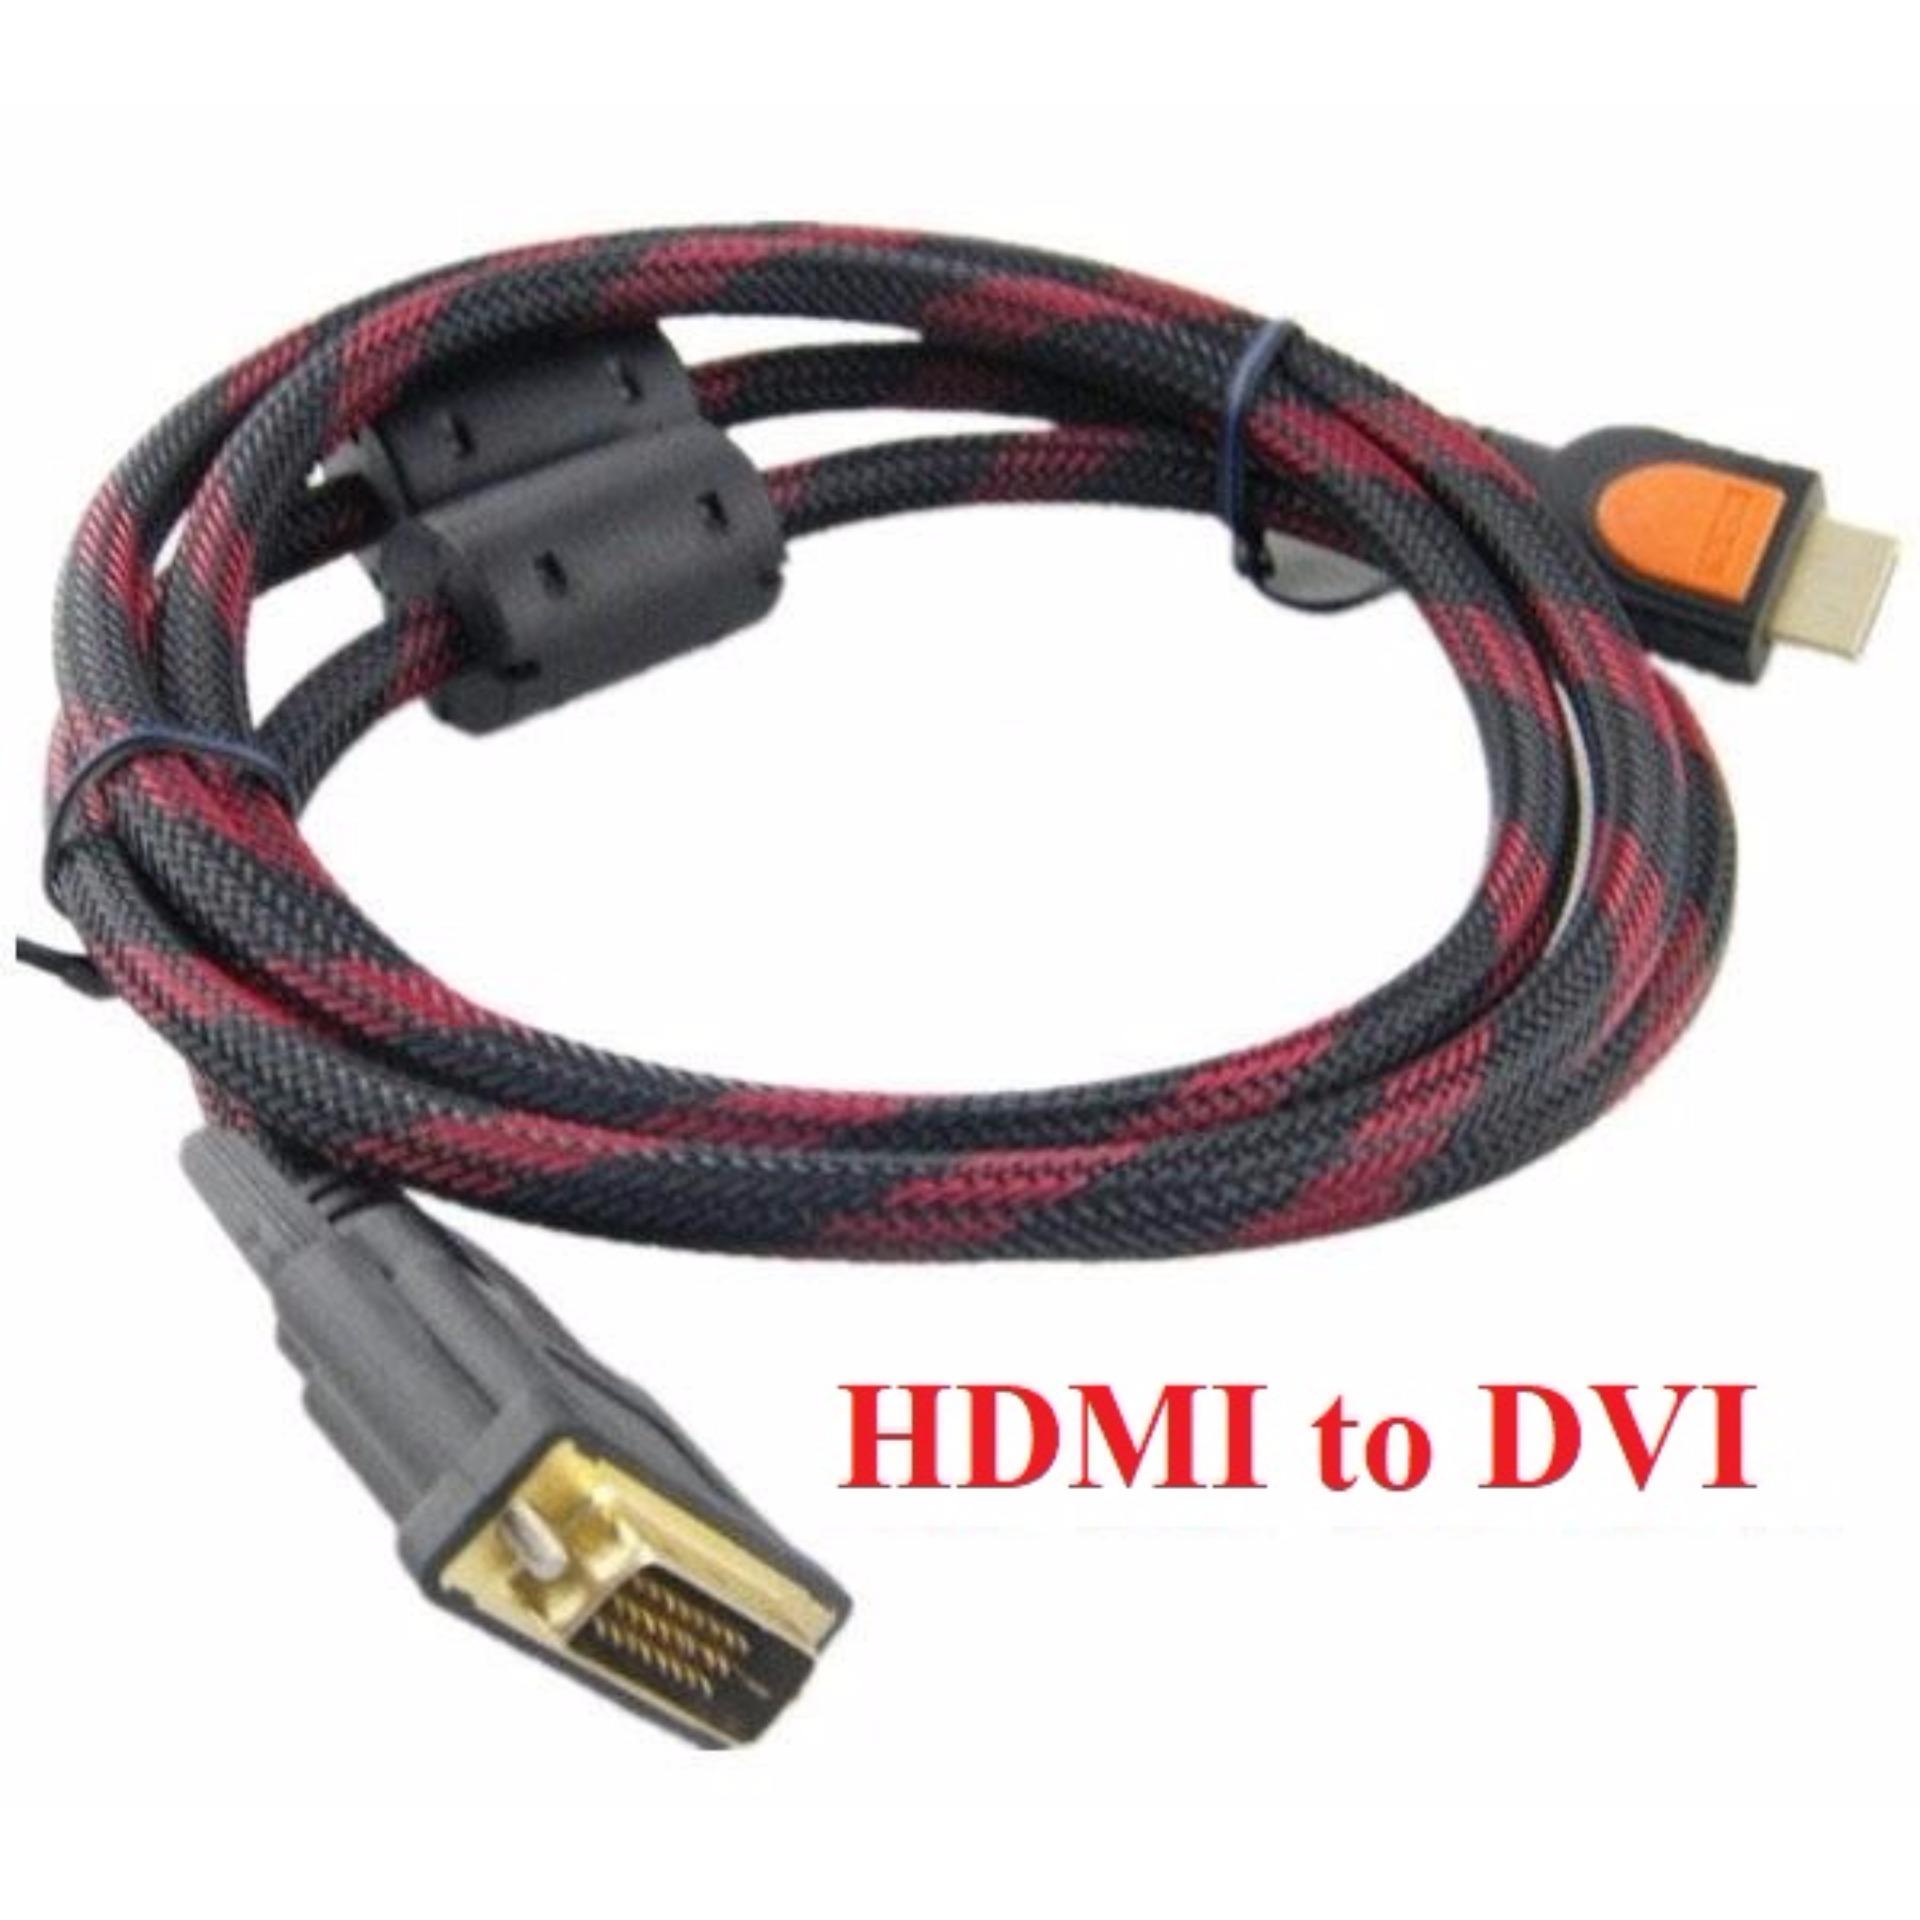 Cáp chuyển đổi HDMI sang DVI bọc lưới chống nhiễu Full HD 1.5m (Đen Đỏ) giá rẻ